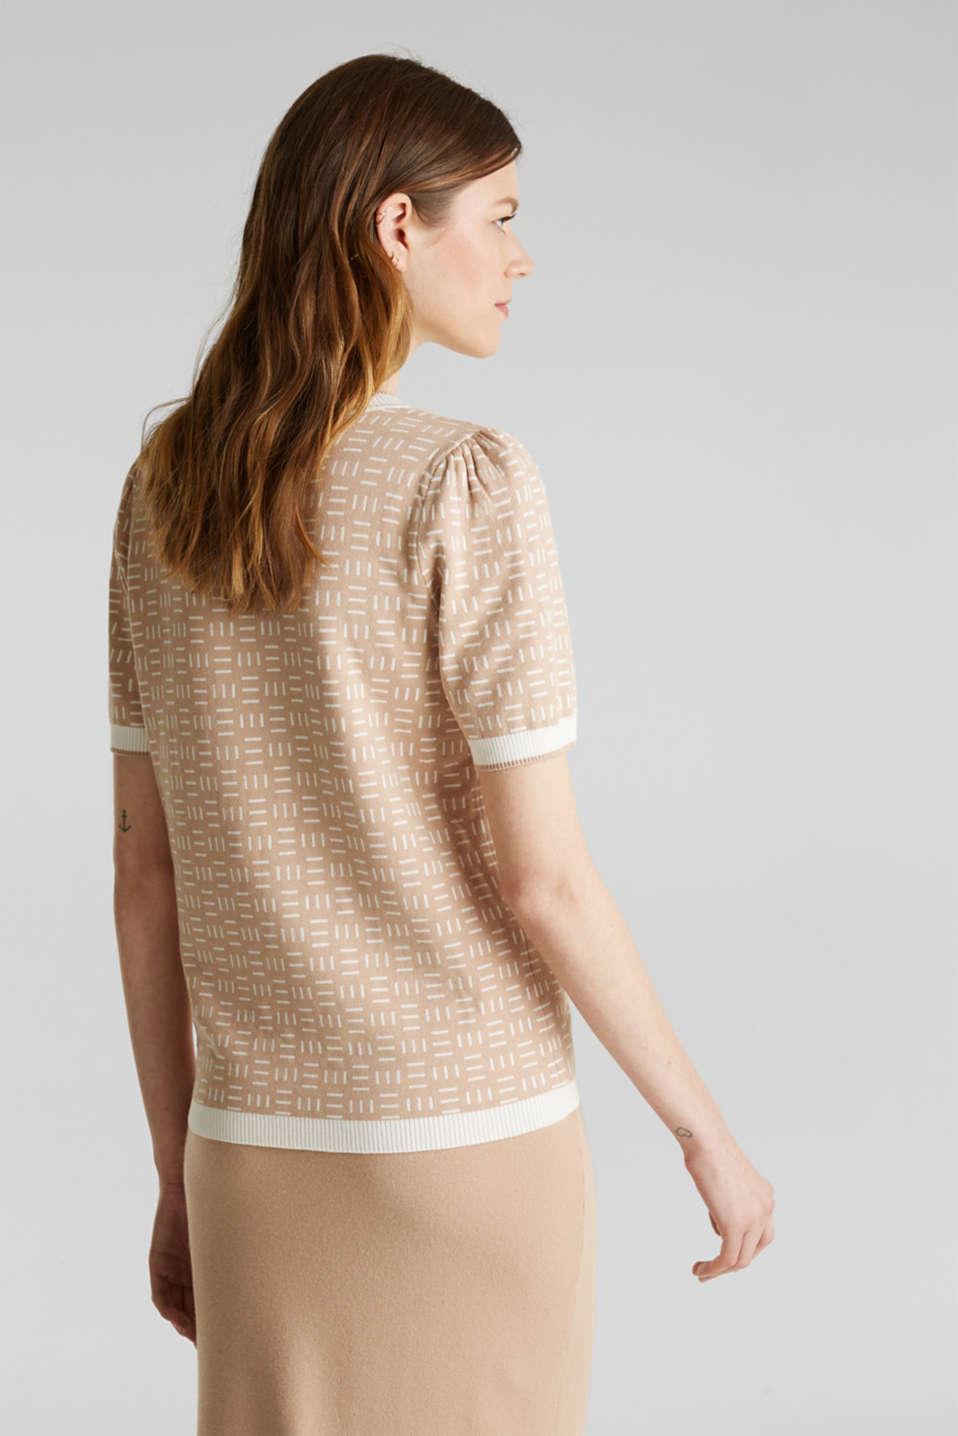 Short-sleeved jumper with a jacquard pattern, LIGHT BEIGE, detail image number 3